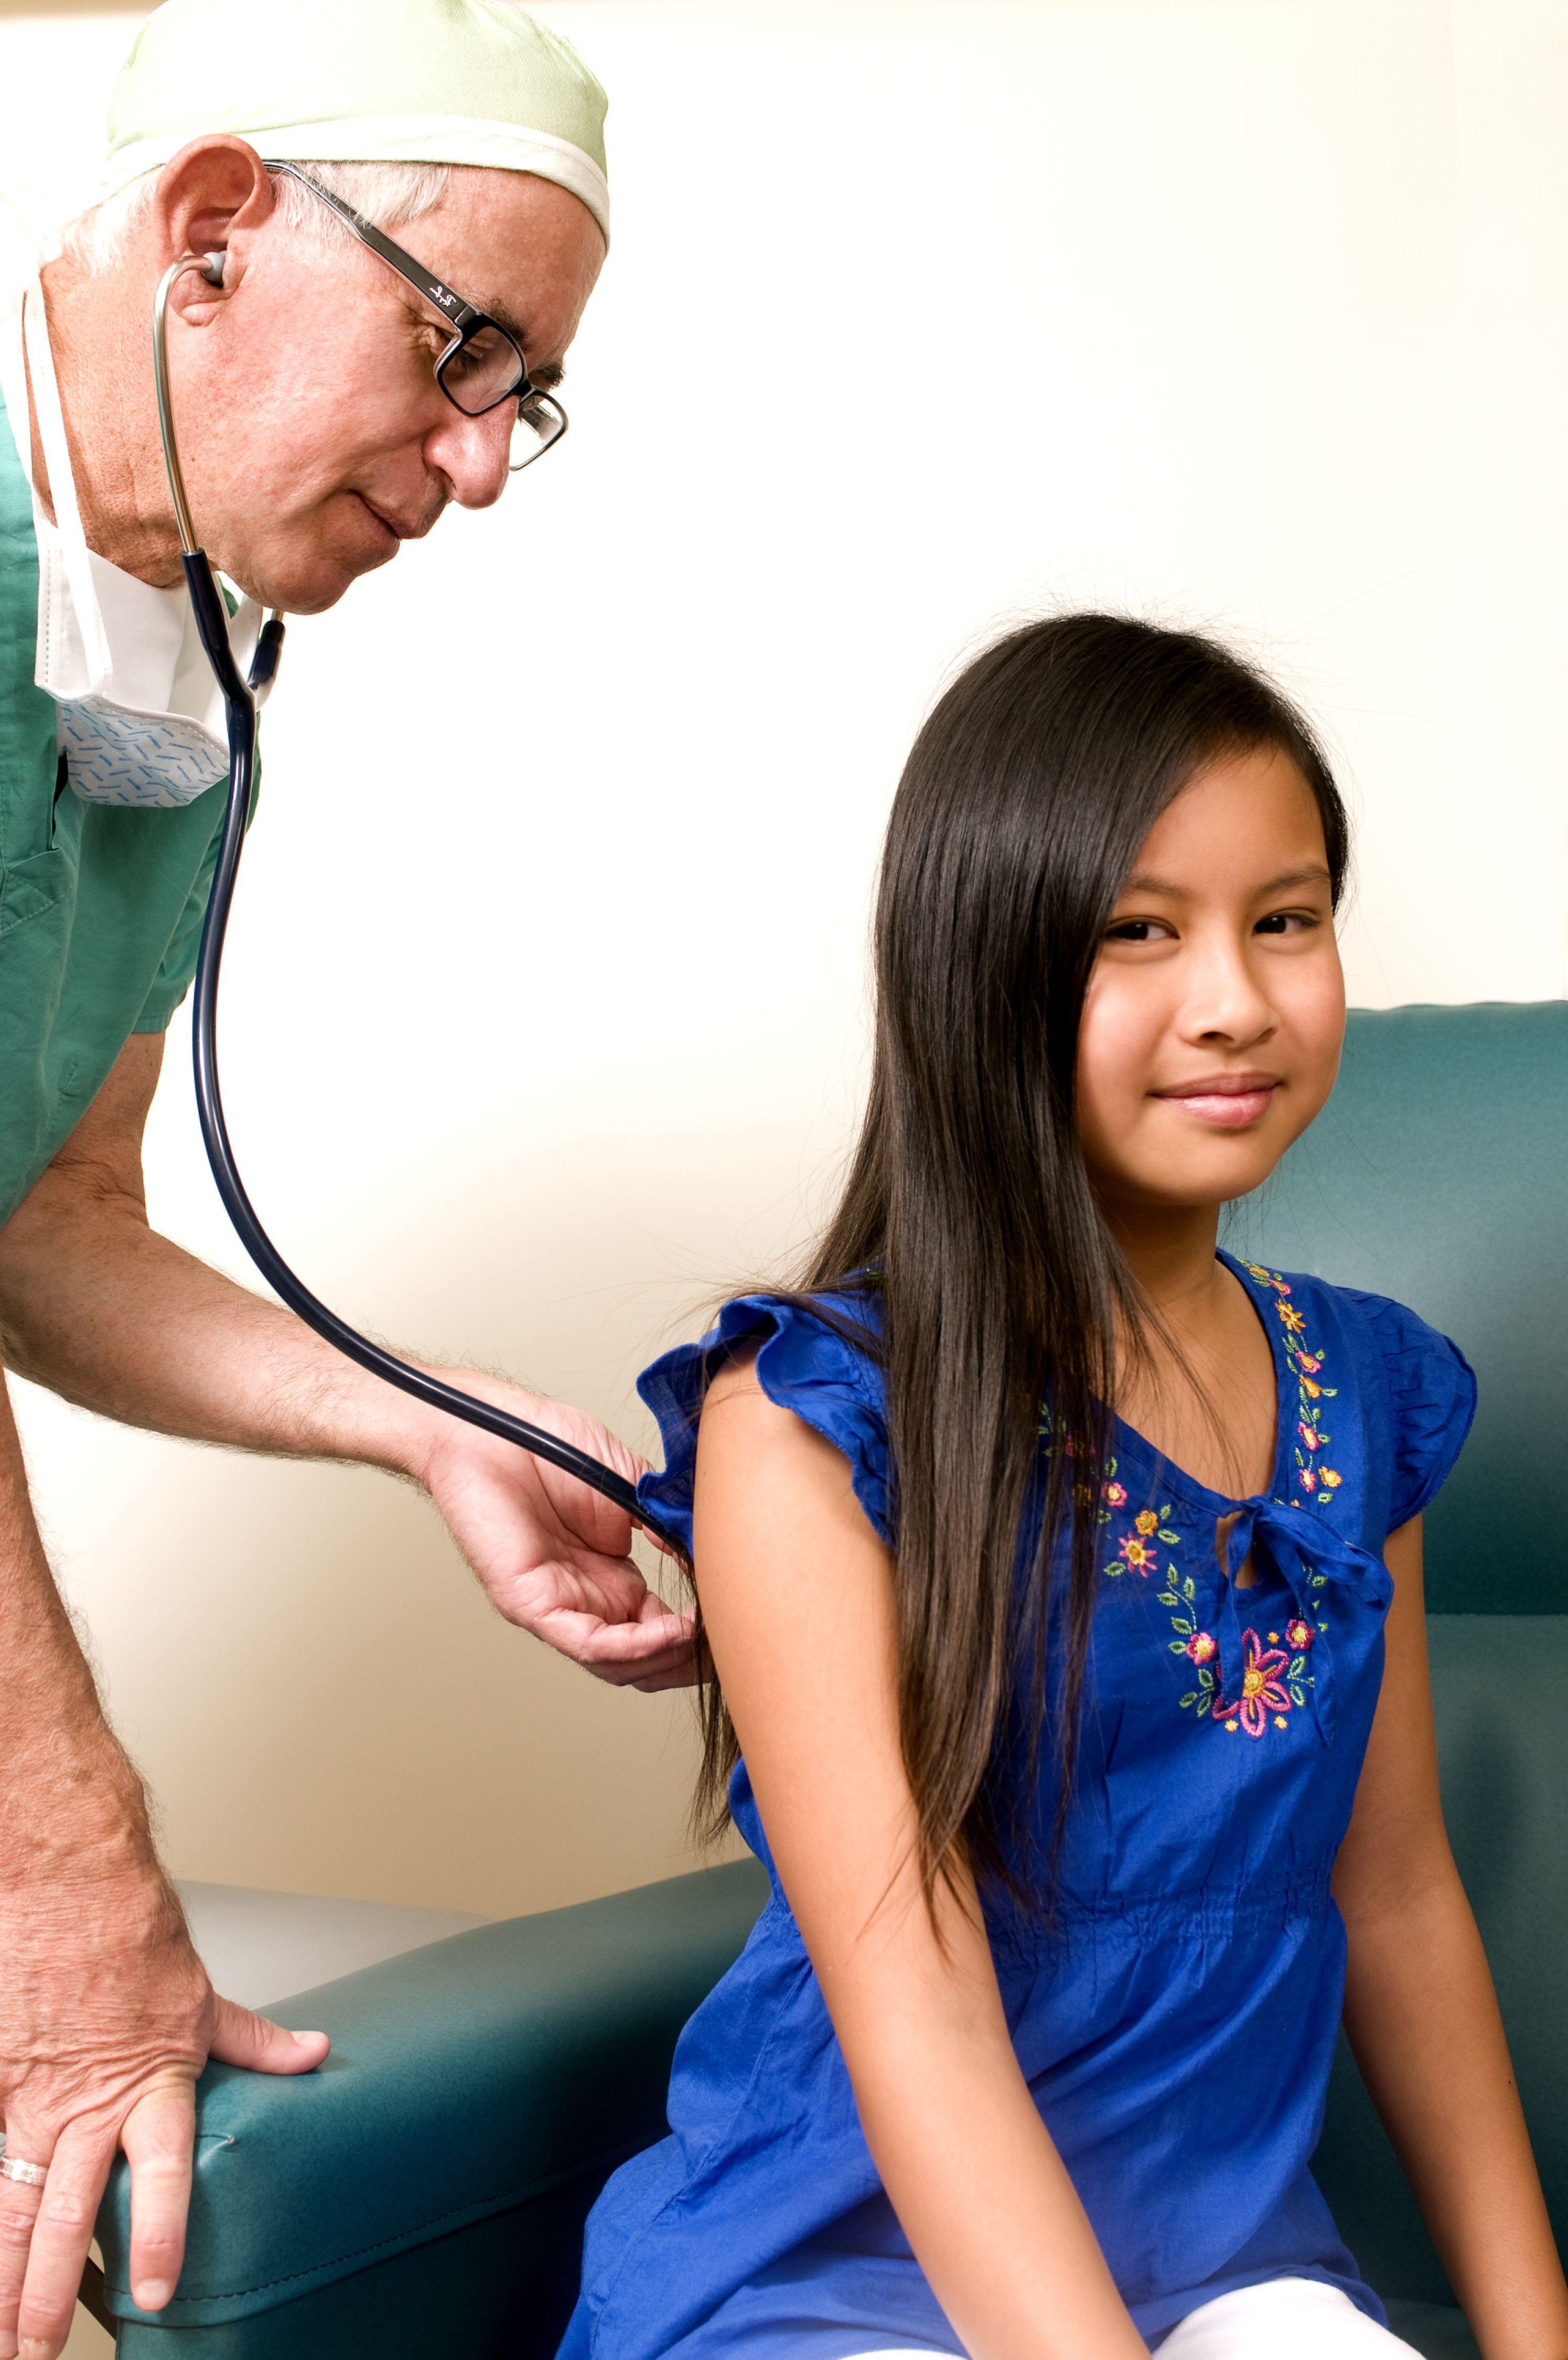 Kostenlose Bild Stethoskop Arzt Junges Mädchen Rücken Führen